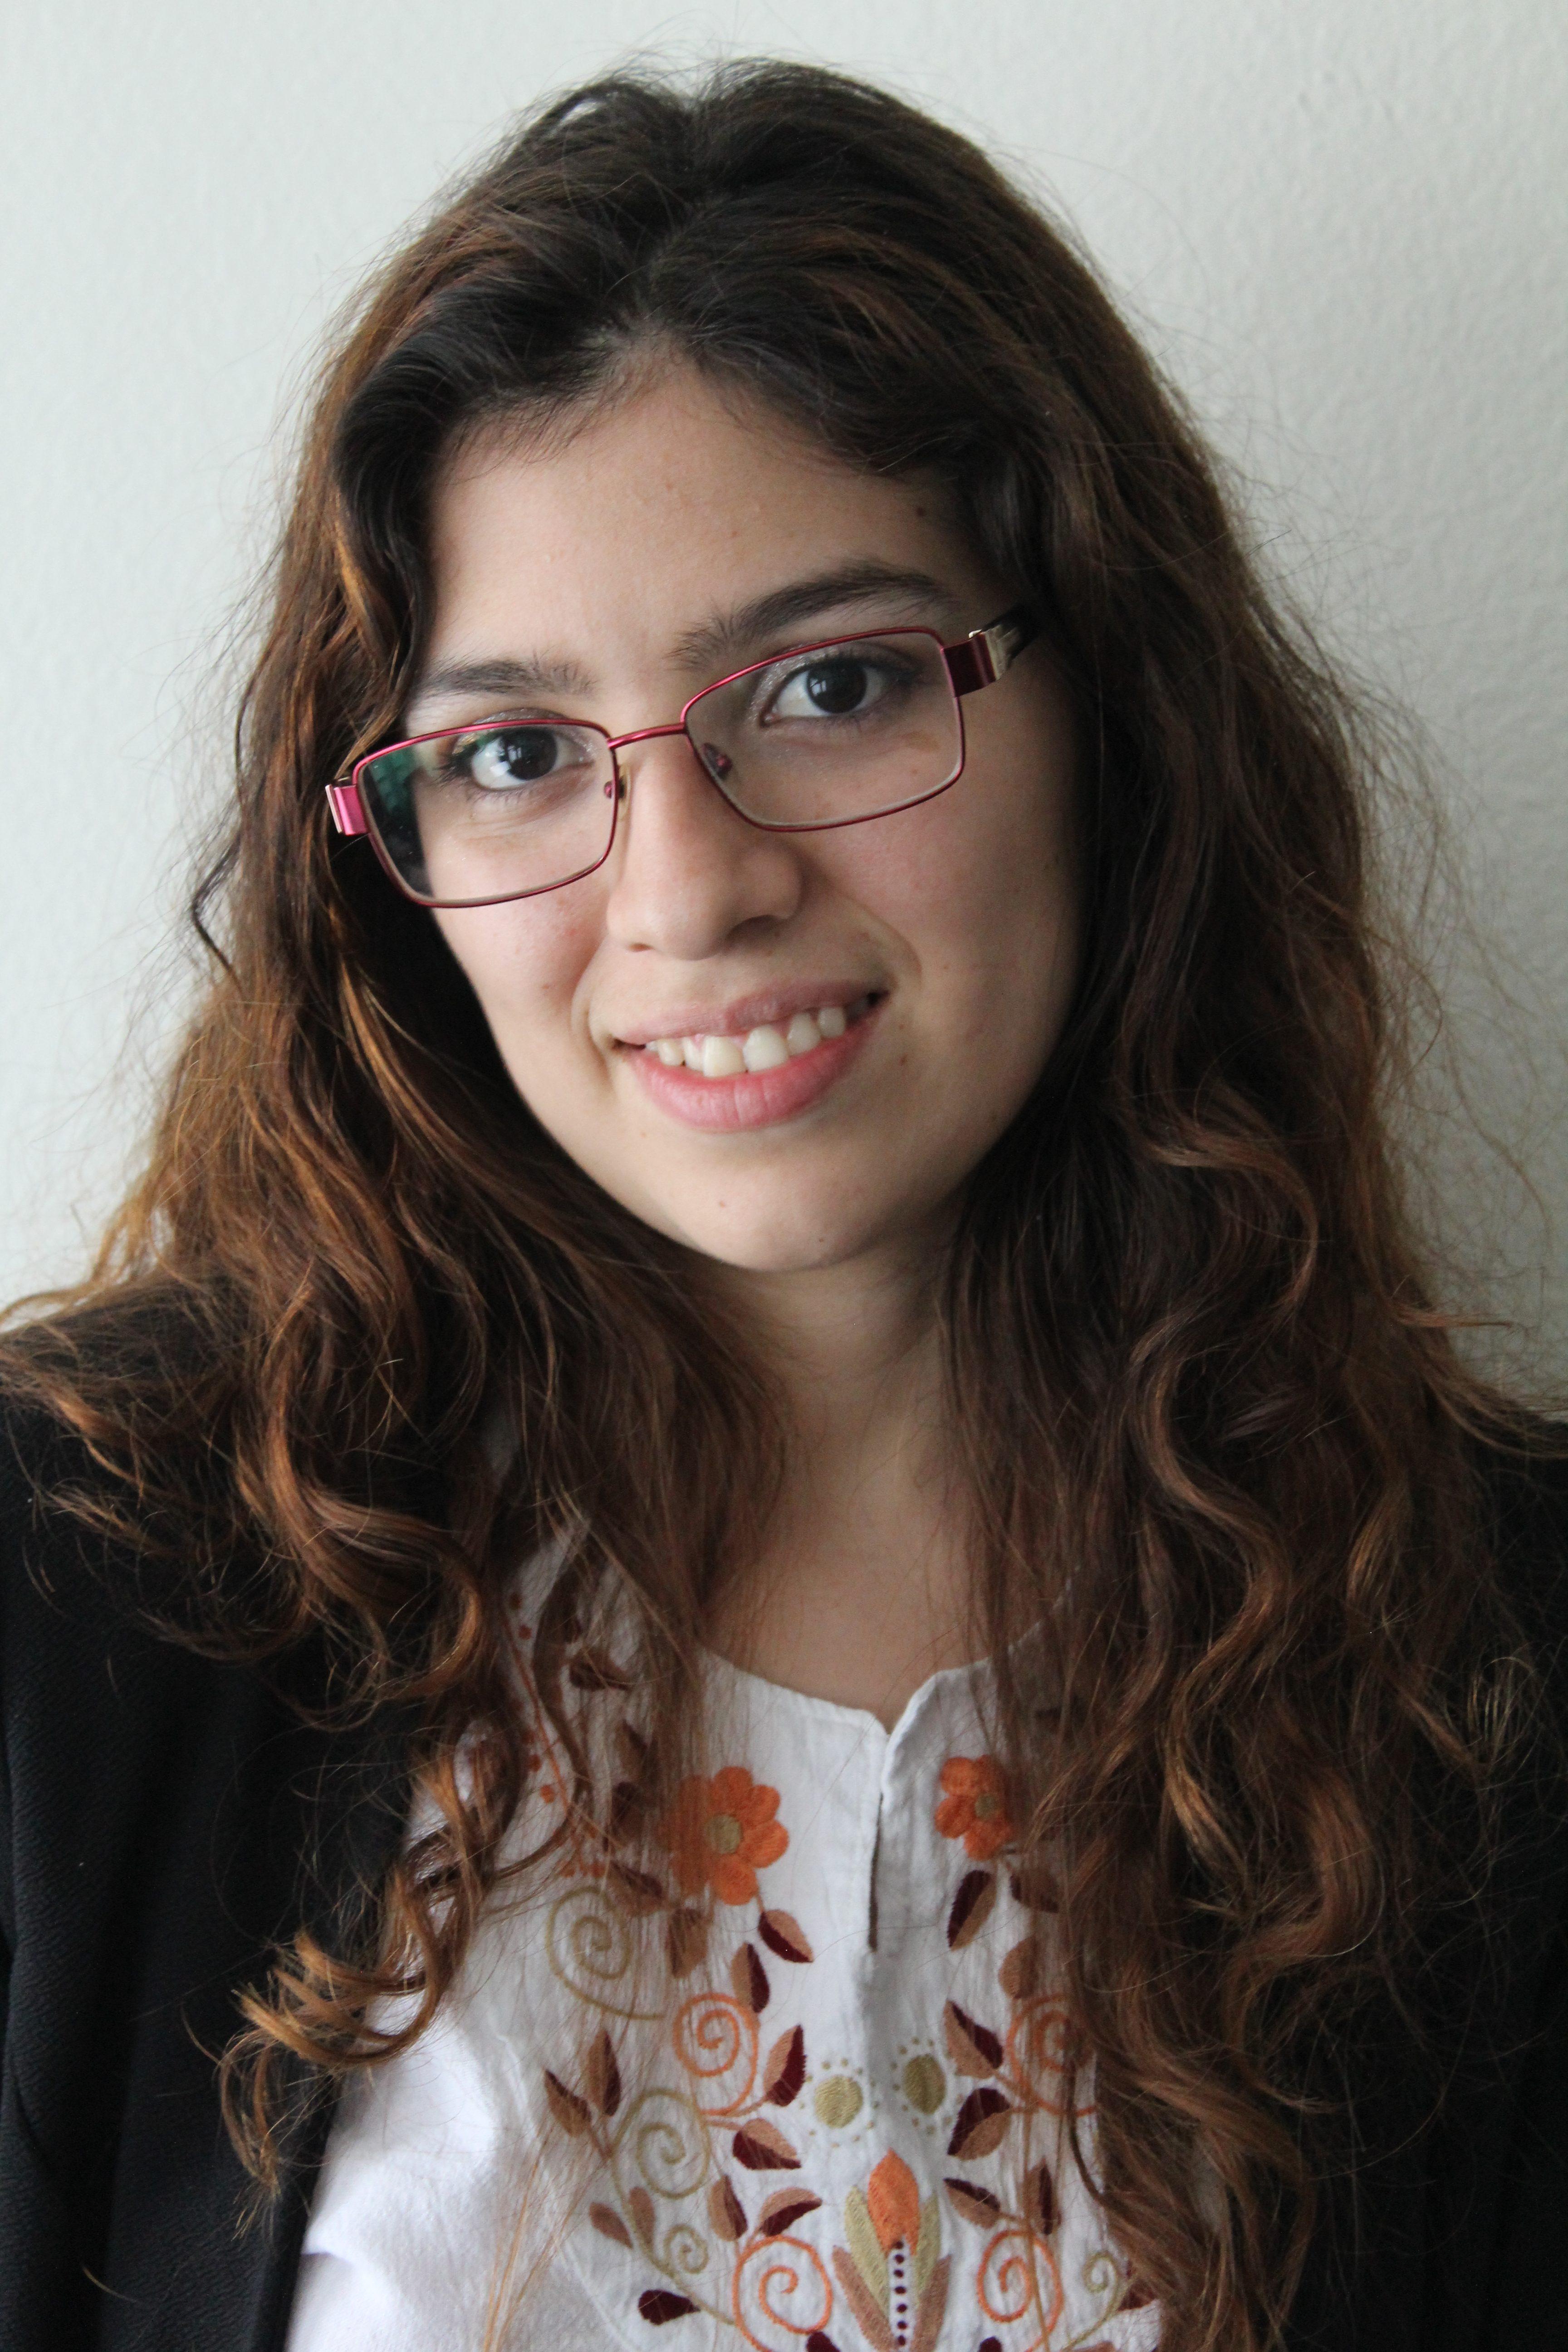 Stefany Mena